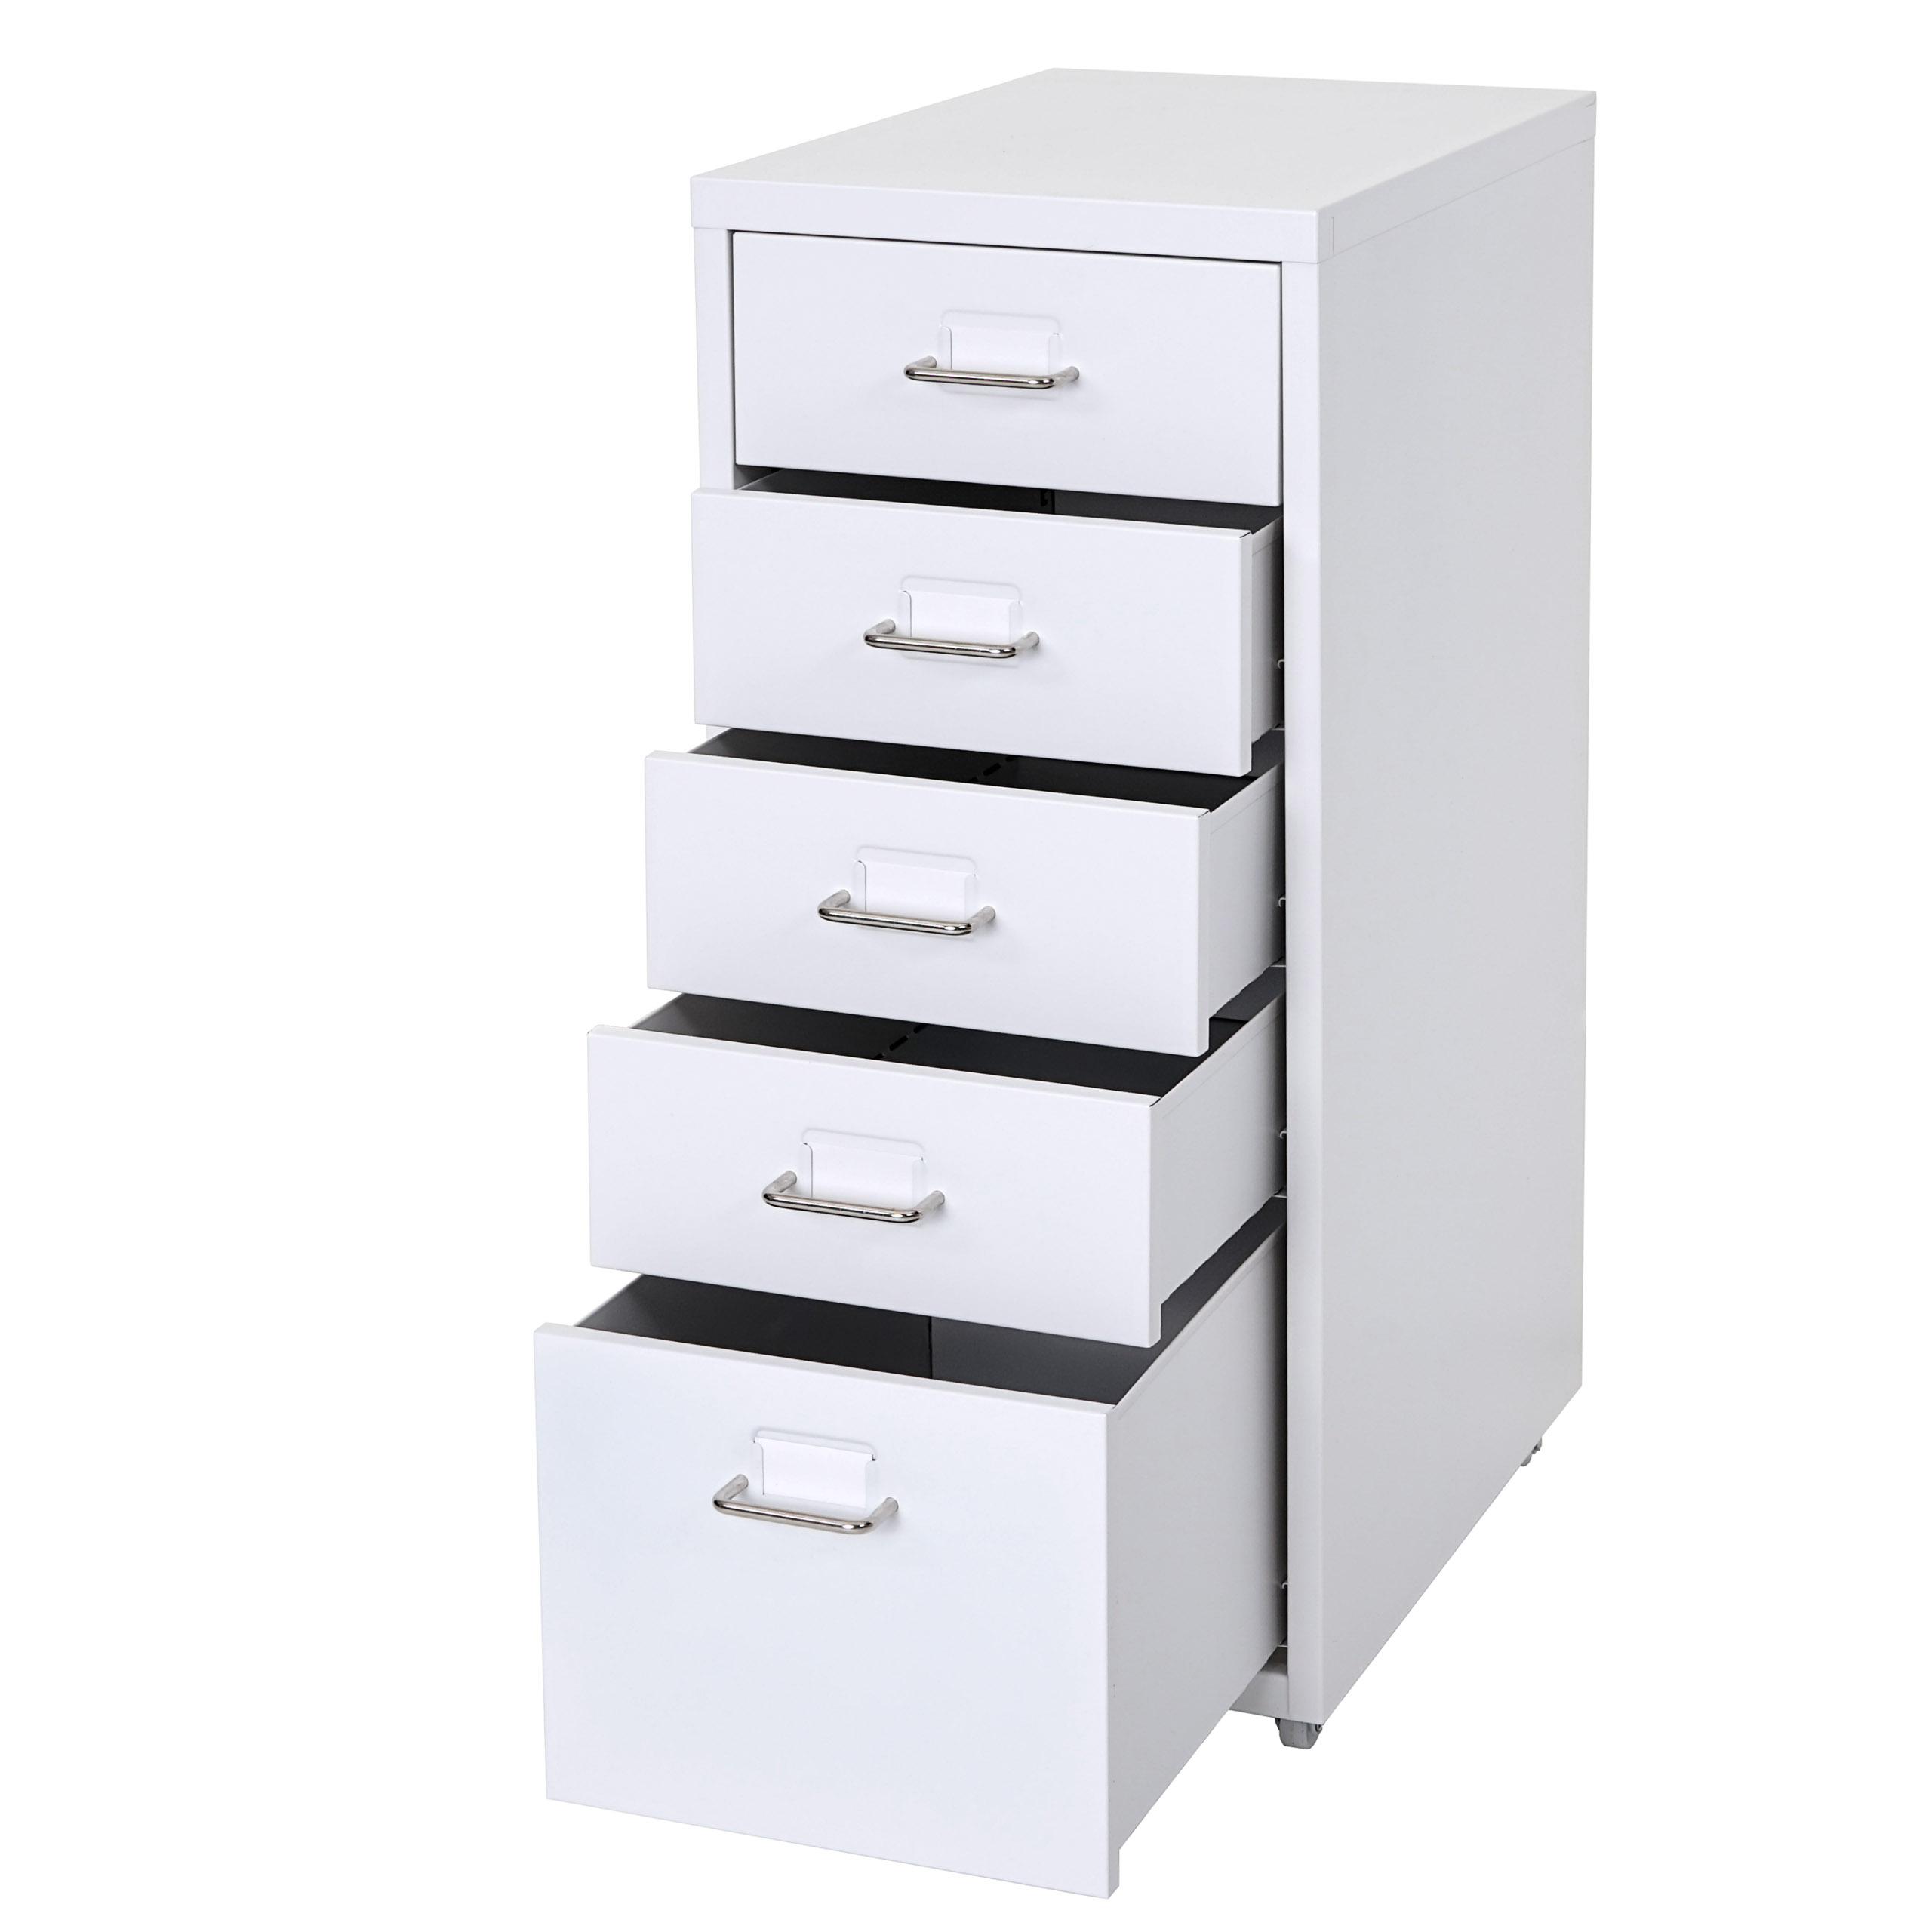 rollcontainer preston t851 schubladenschrank stahlschrank. Black Bedroom Furniture Sets. Home Design Ideas